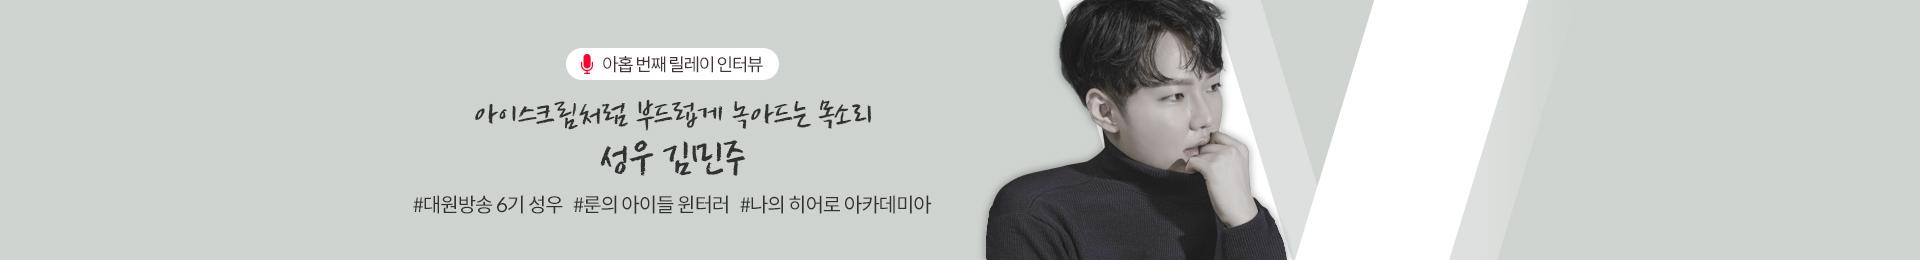 아홉 번째 릴레이인터뷰 성우 김민주